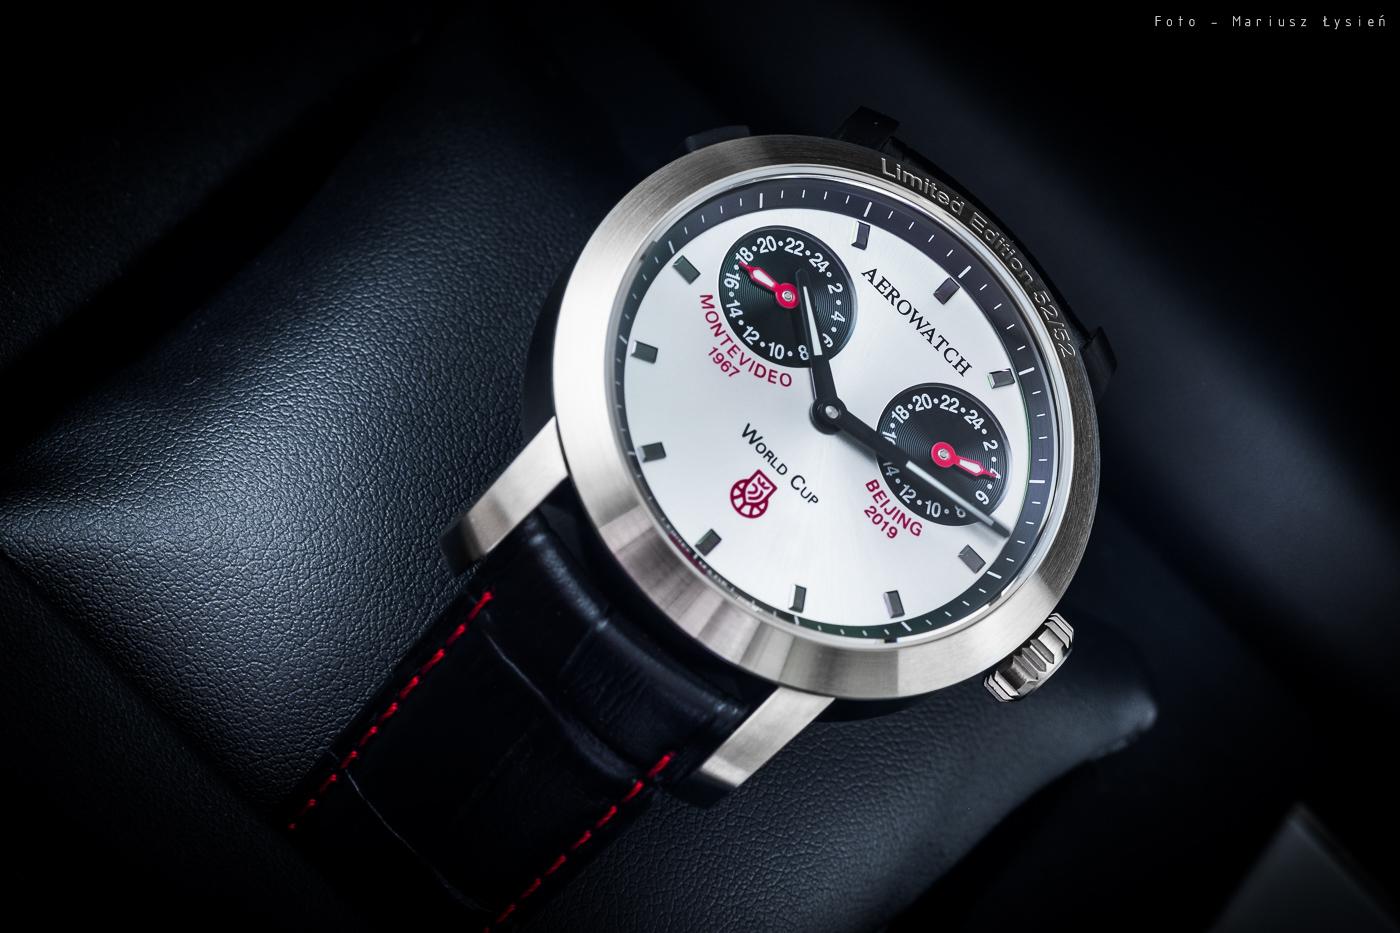 Limitowany zegarek Aerowatch na skórzanym czarnym pasku z czerwoną nitką.